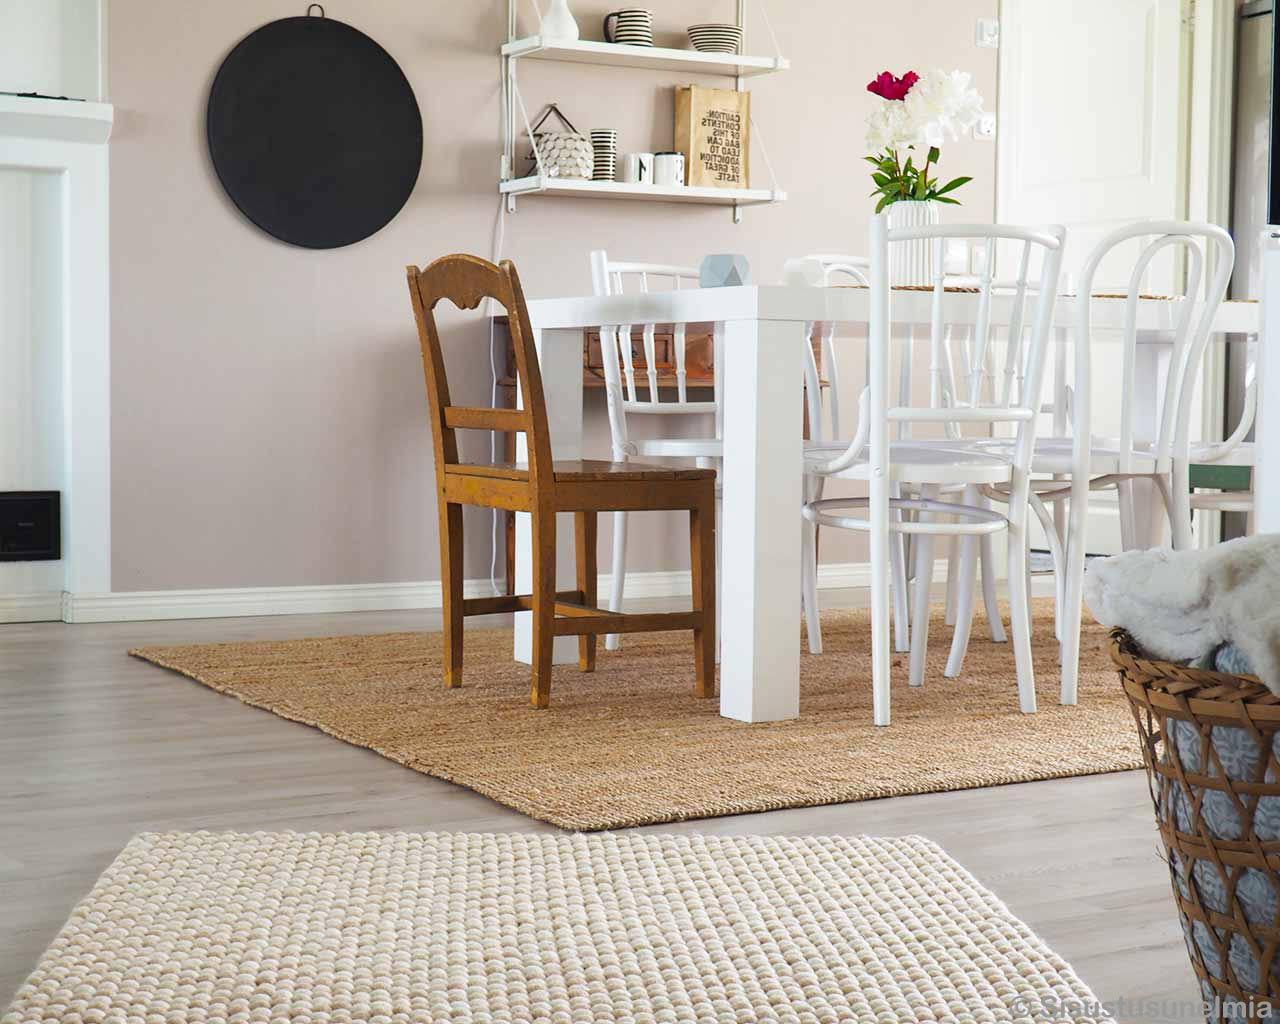 Full Size of Esstisch Teppich Wei Und Off White Filzteppiche Aus Nepal Niedrige Preise Massivholz Weiß Ausziehbar Günstig Ausziehbarer Weißer Stühle Shabby Chic Esstische Esstisch Teppich